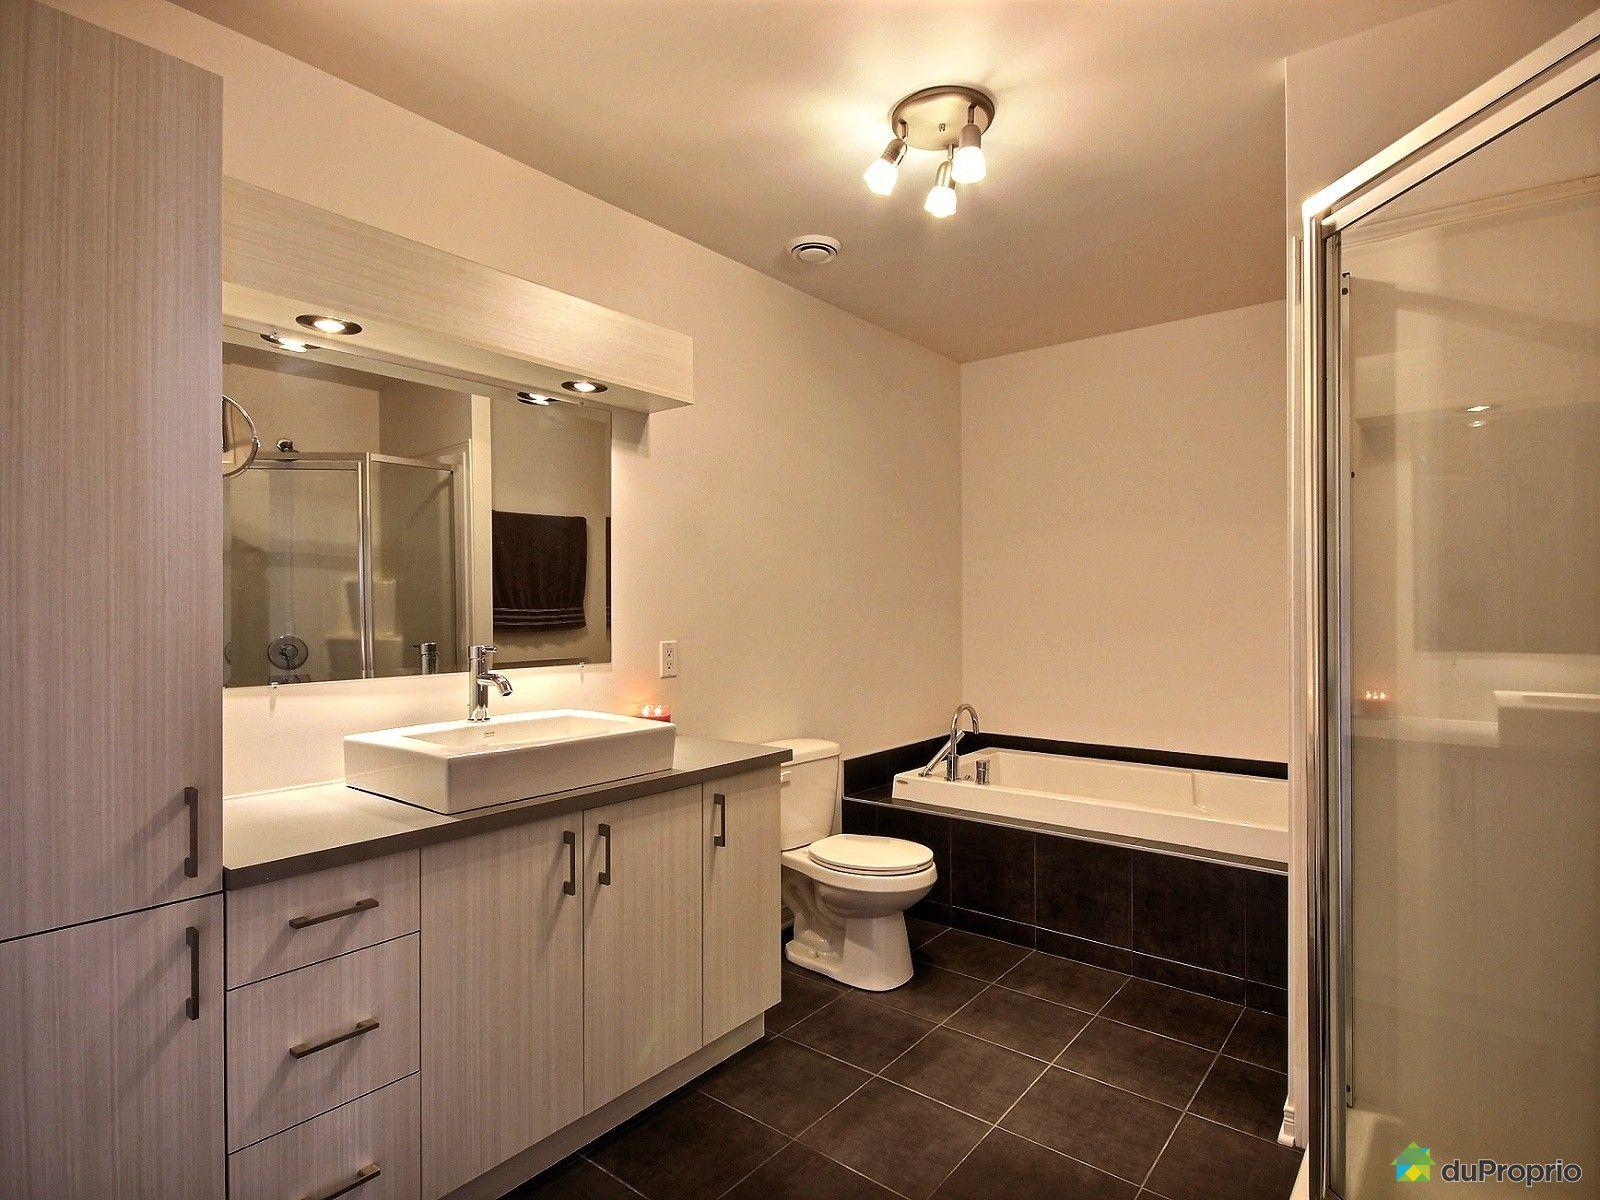 Maison vendu st j r me immobilier qu bec duproprio 656961 for Plomberie salle de bain au sous sol